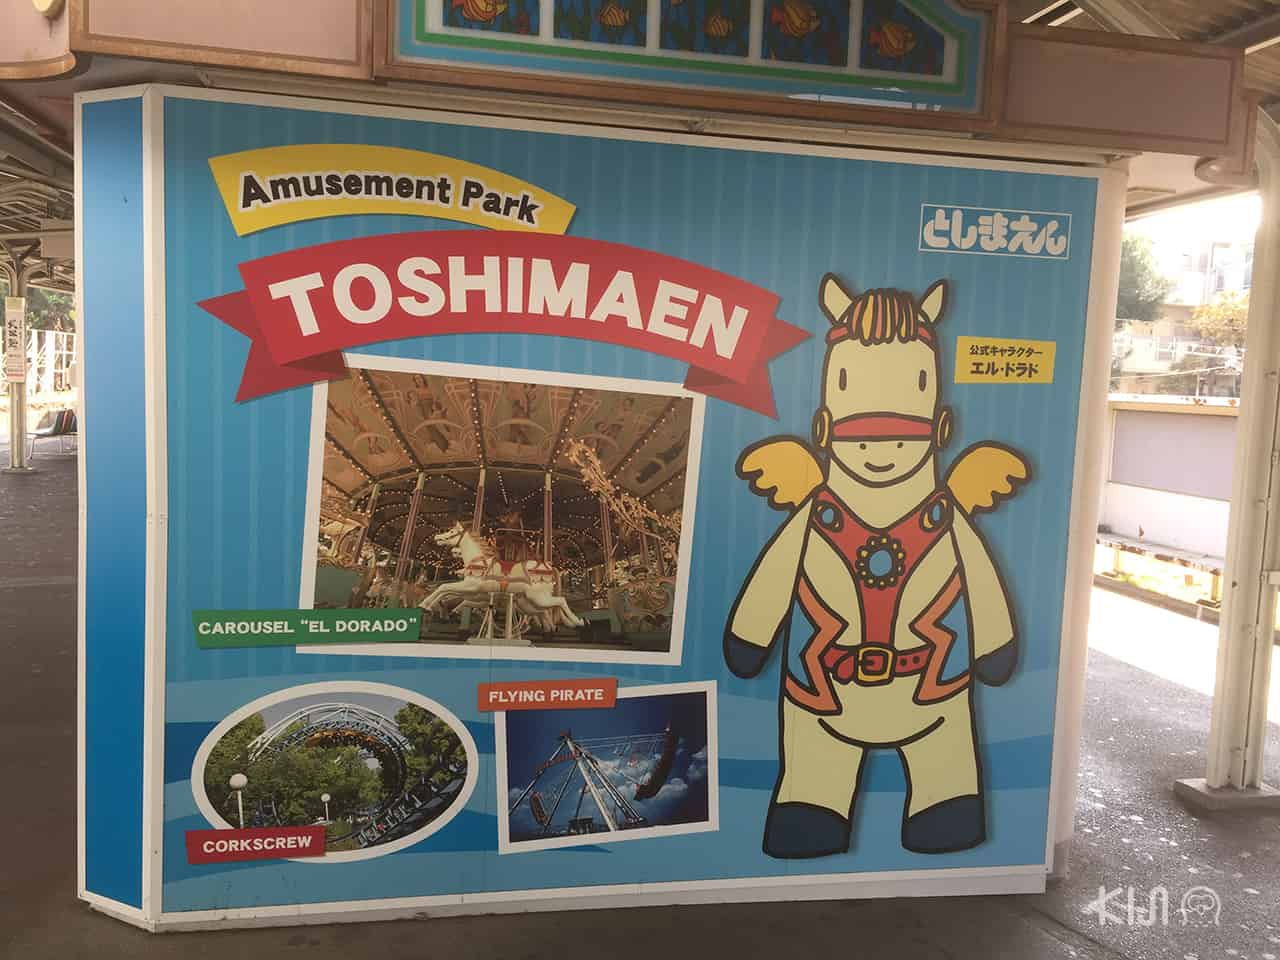 ป้ายโฆษณาโทชิมะเอ็นที่อยู่ภายในสถานีโทชิมะเอ็น (Toshimaen Station)